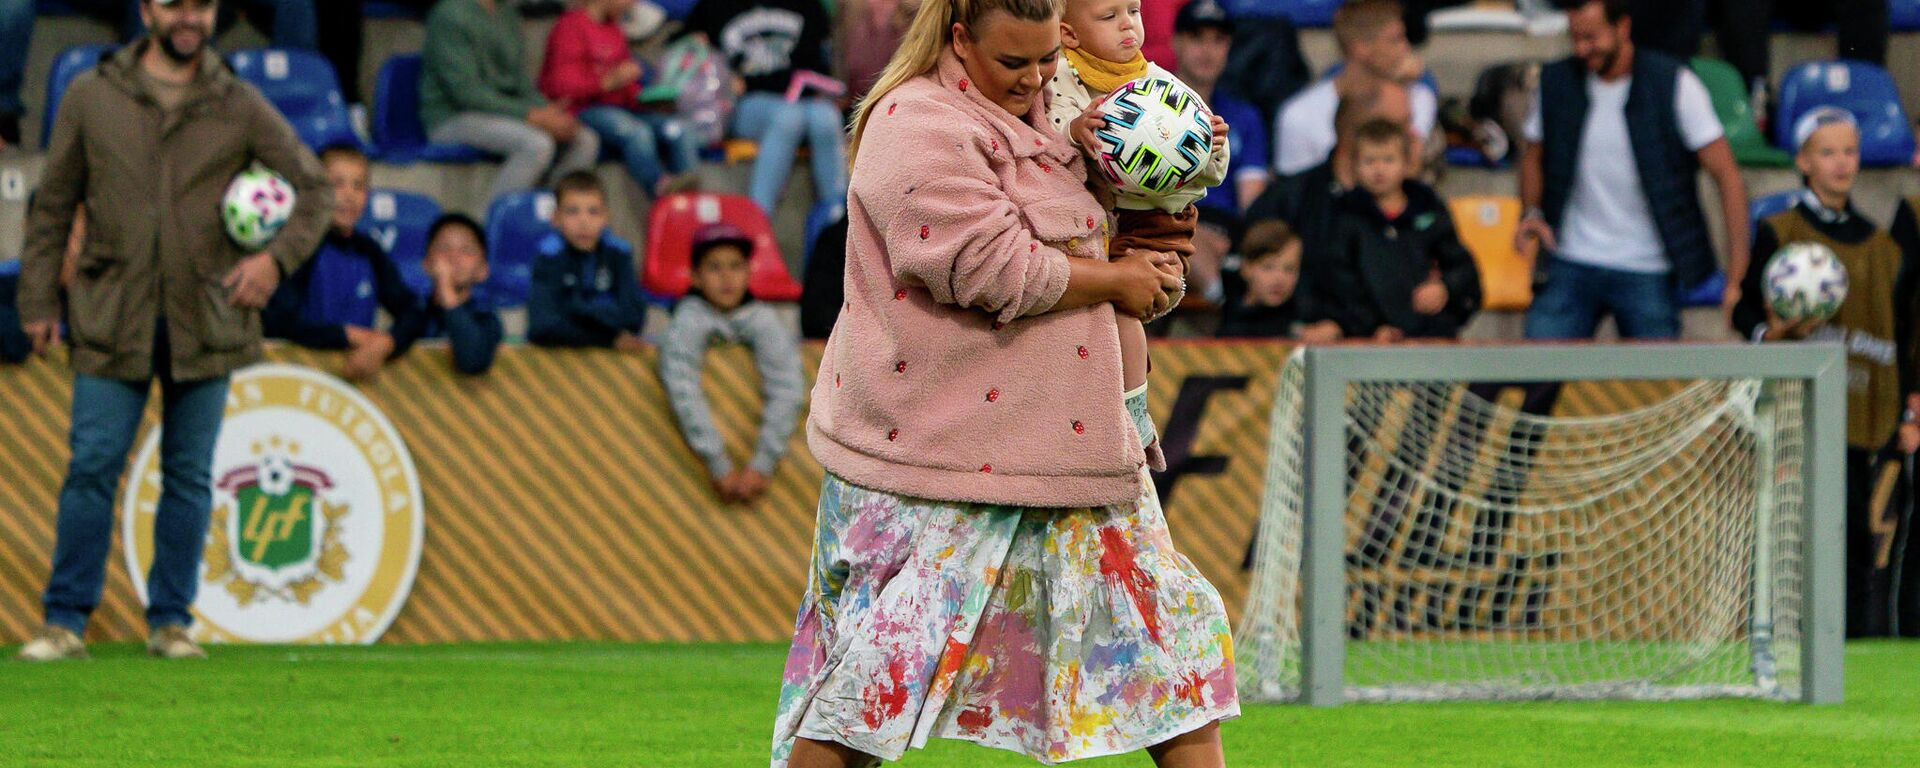 В перерыве, в конкурсе для болельщиков участвует мама с ребенком - Sputnik Латвия, 1920, 24.08.2021